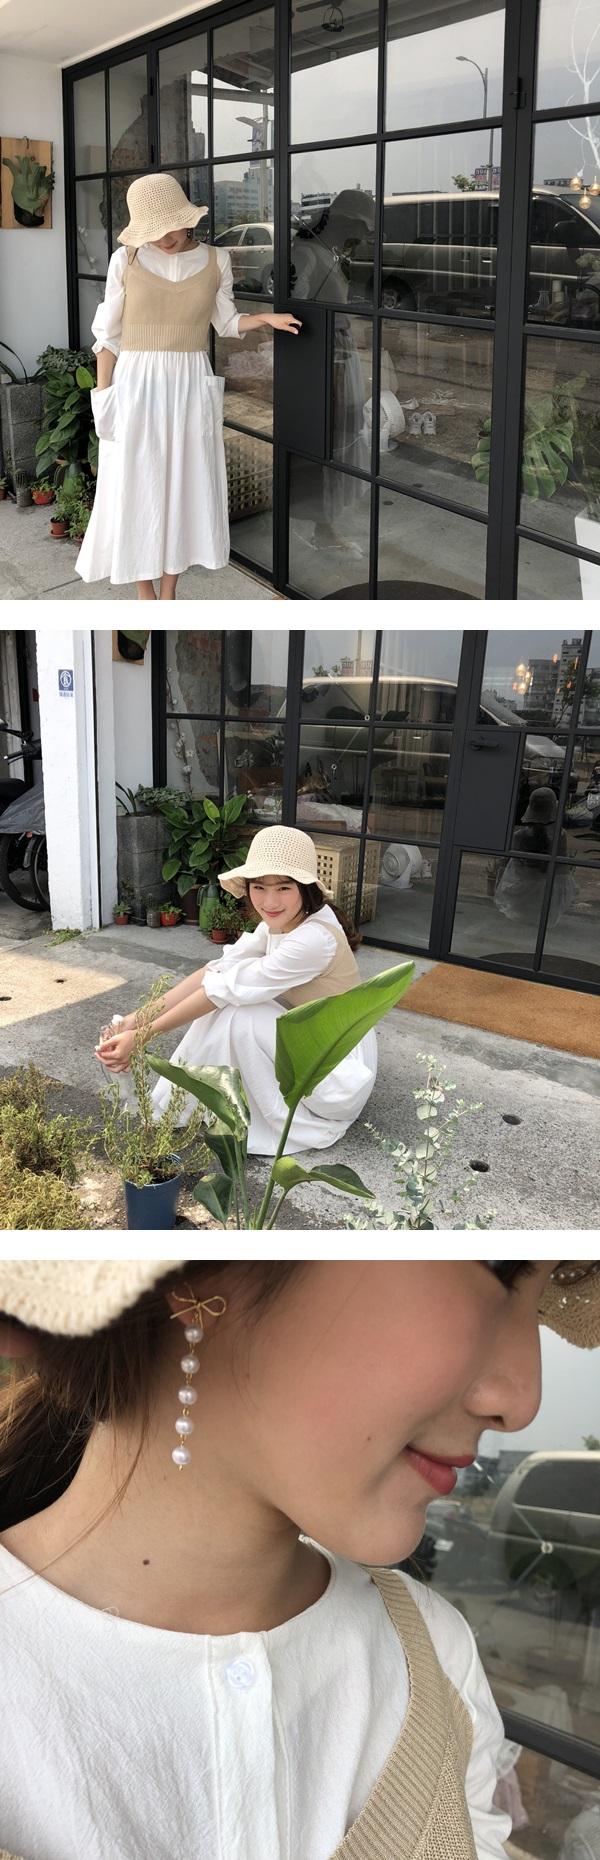 PAZZO-去韓國 (54).jpg